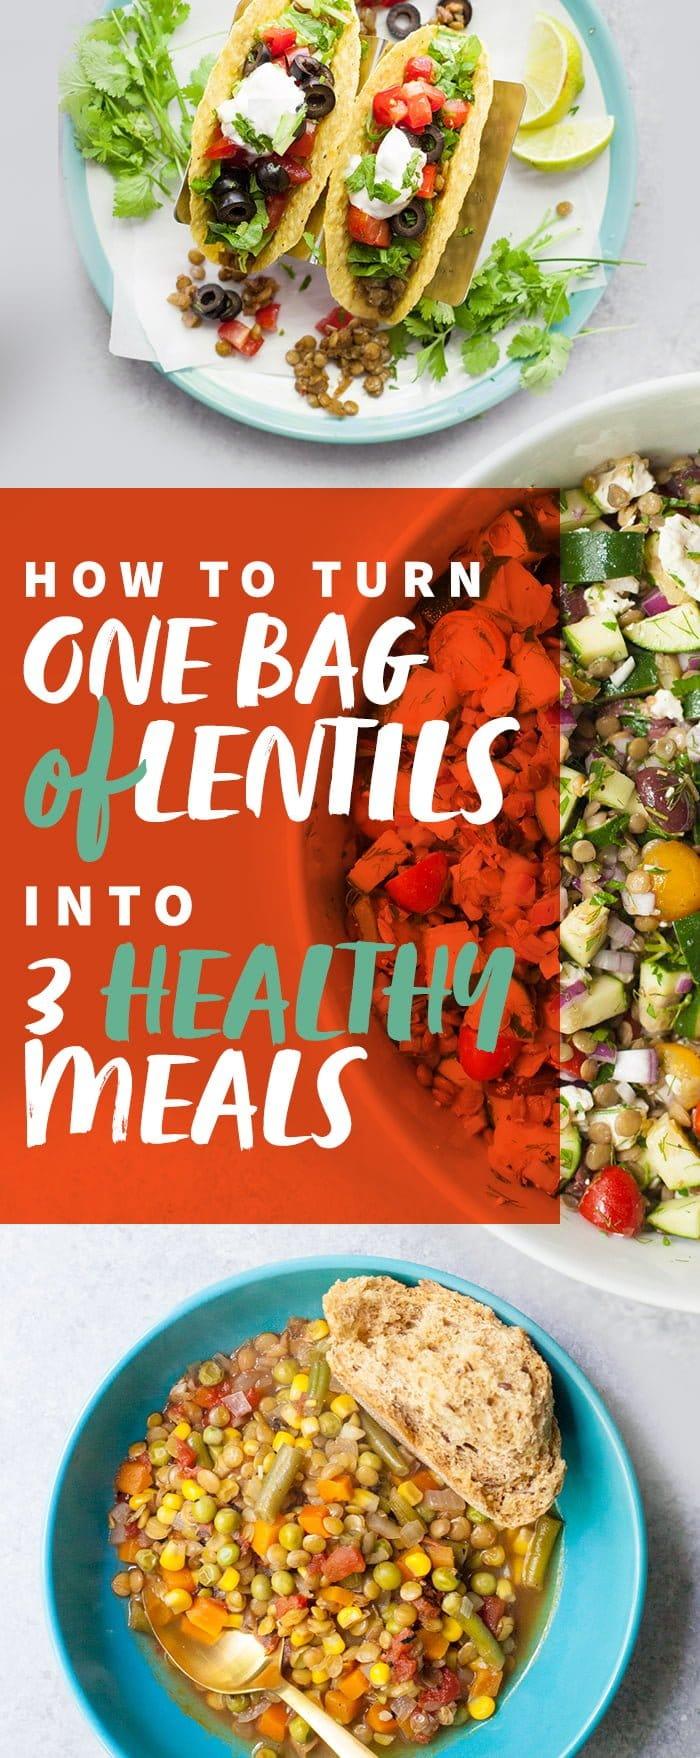 One Bag of Lentils, 3 Meals